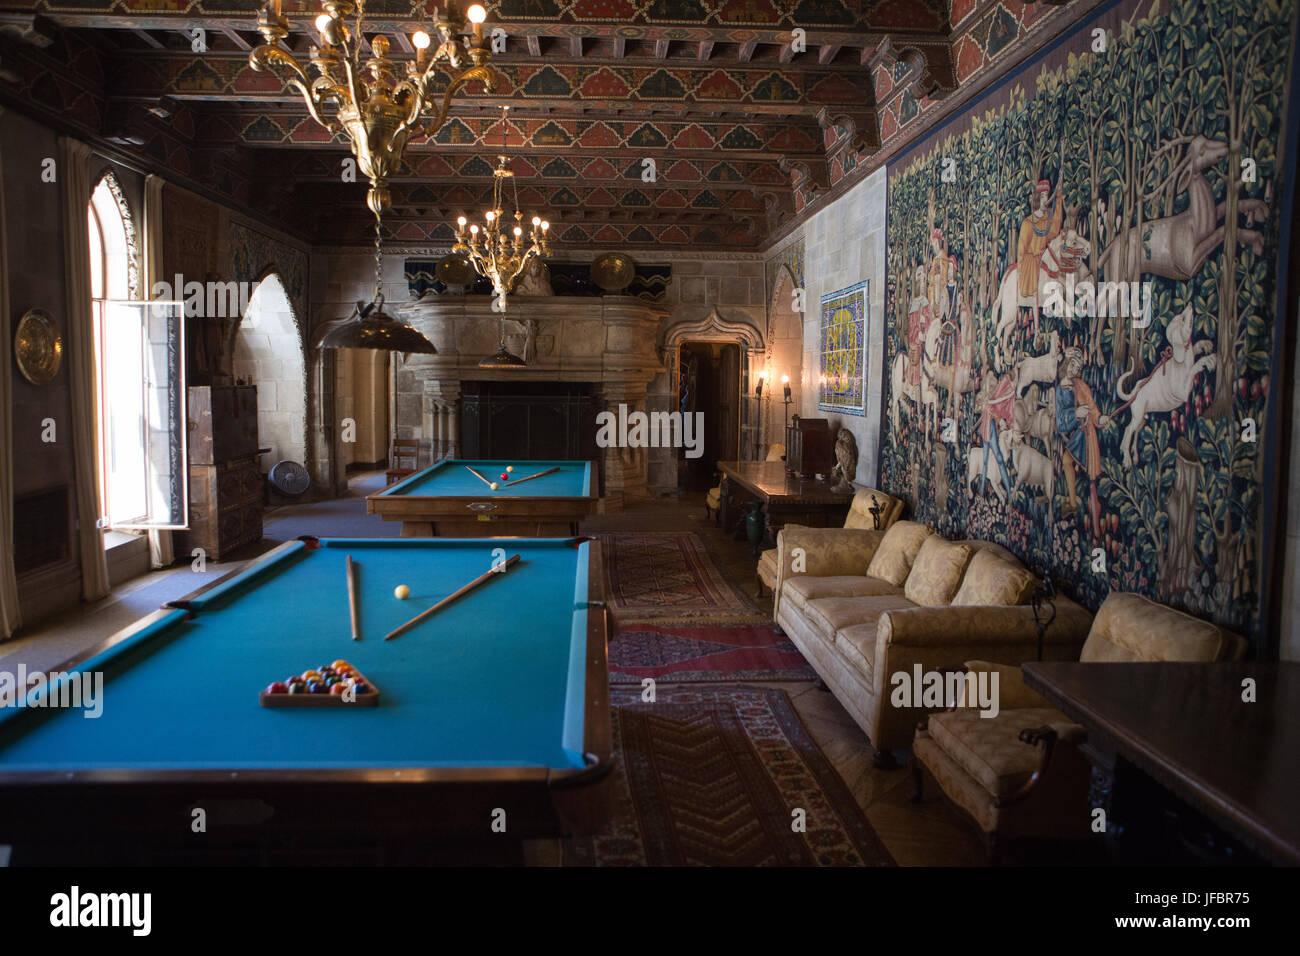 Le Château Hearst billard chambre est décorée avec des meubles, tapisseries, des illustrations et Photo Stock